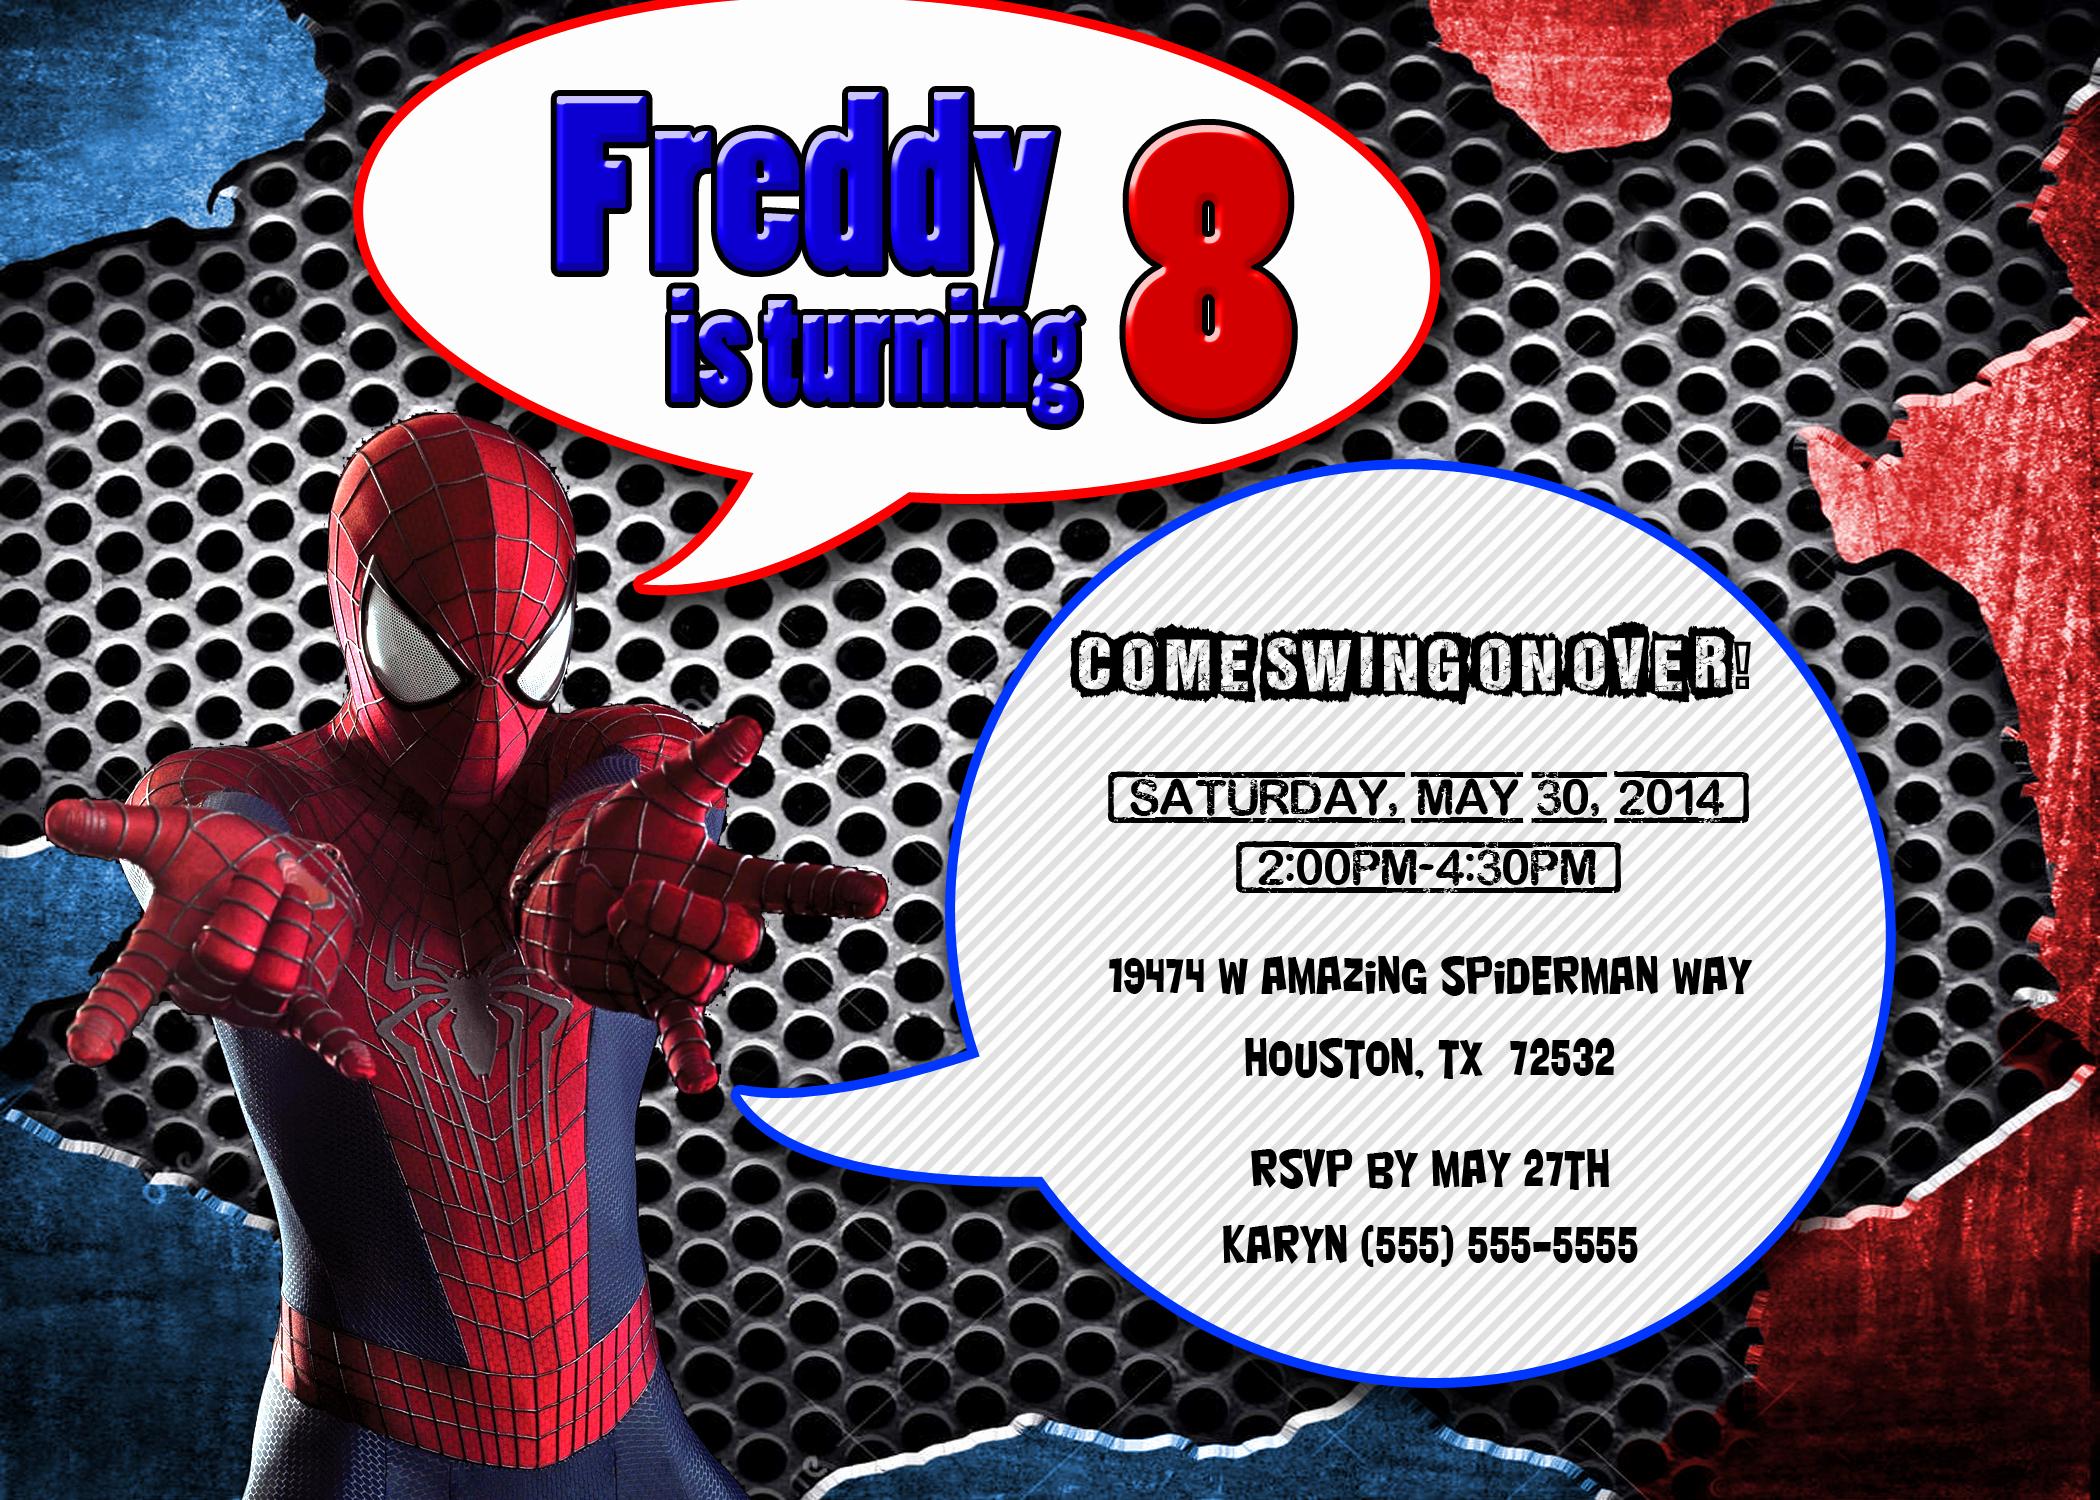 Spiderman Birthday Invitation Maker Fresh Spiderman Birthday Invitations